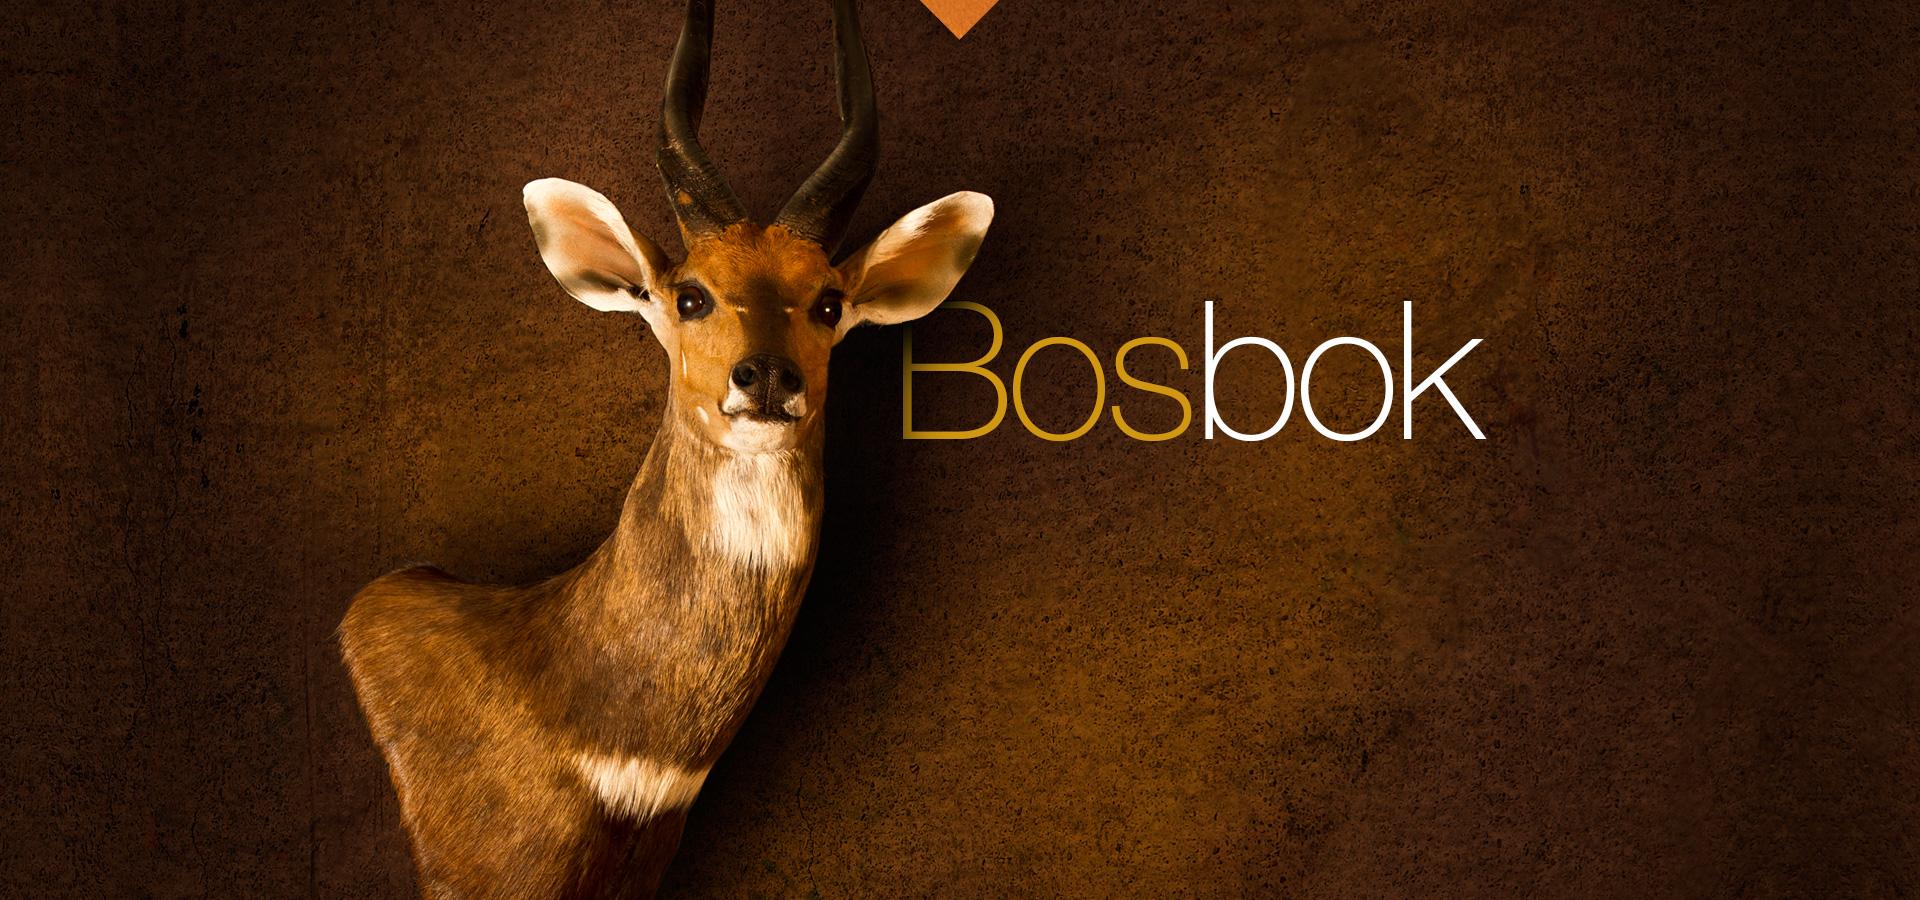 Bosbok - Bushbuck